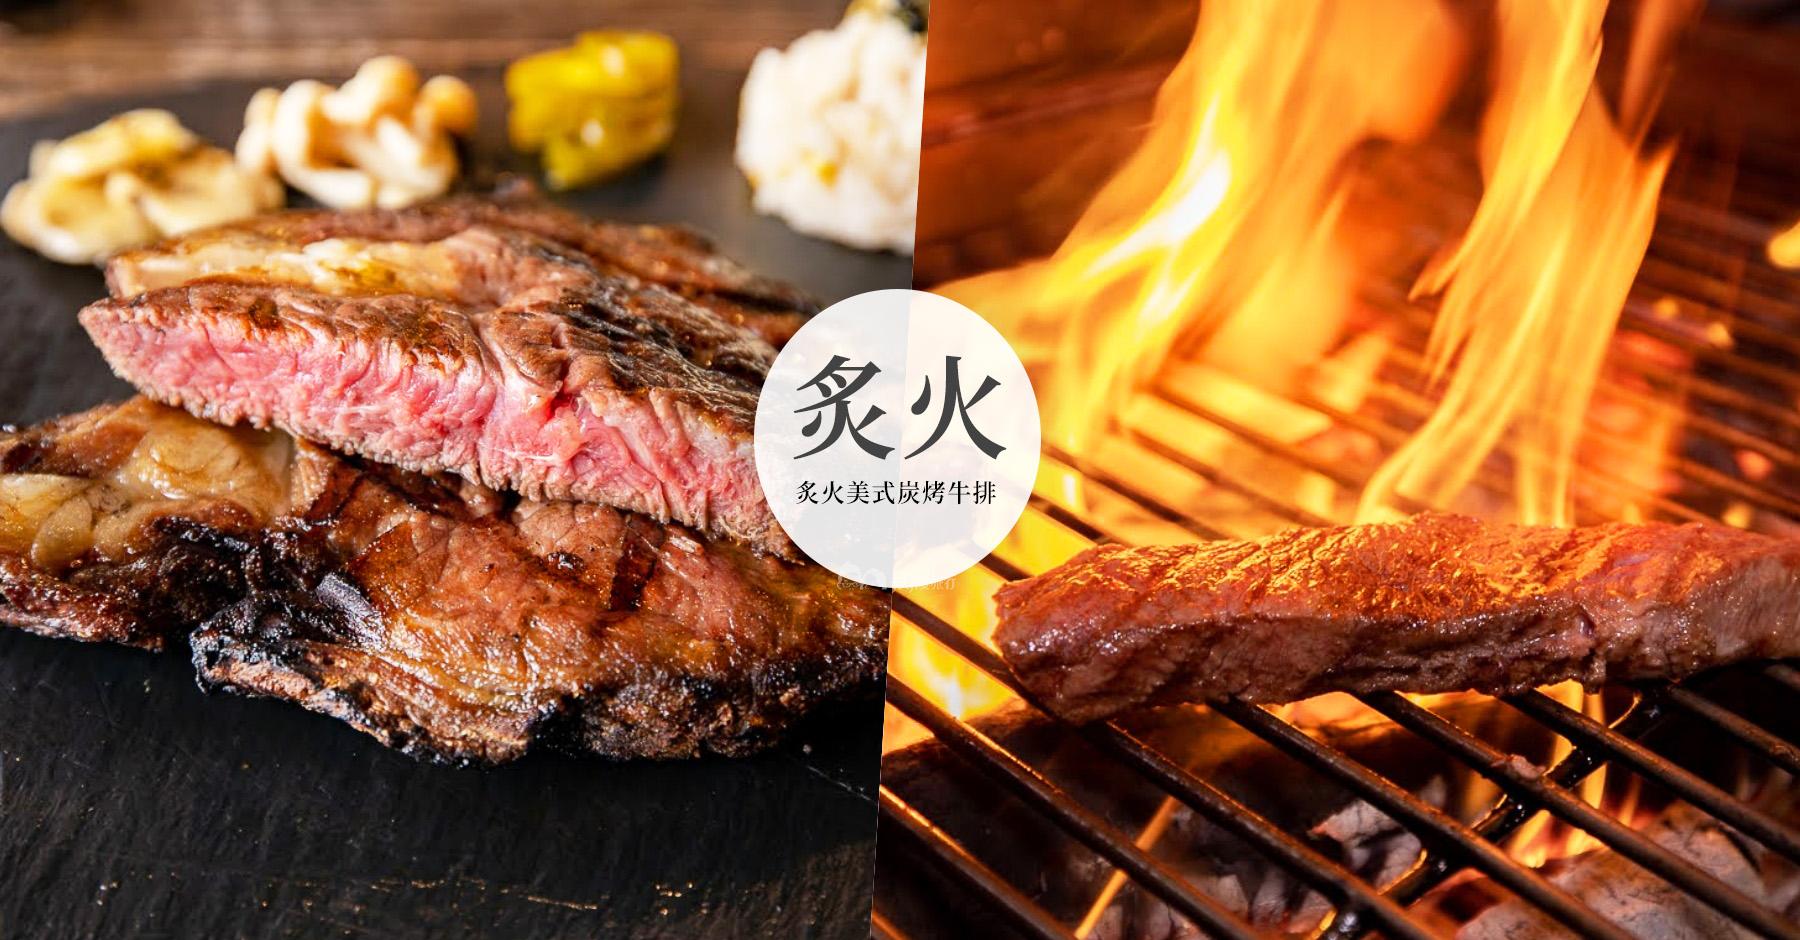 宜蘭羅東牛排|炙火美式炭烤牛排|美國Prime乾式熟成木炭直火燒烤鎖住肉質菜單